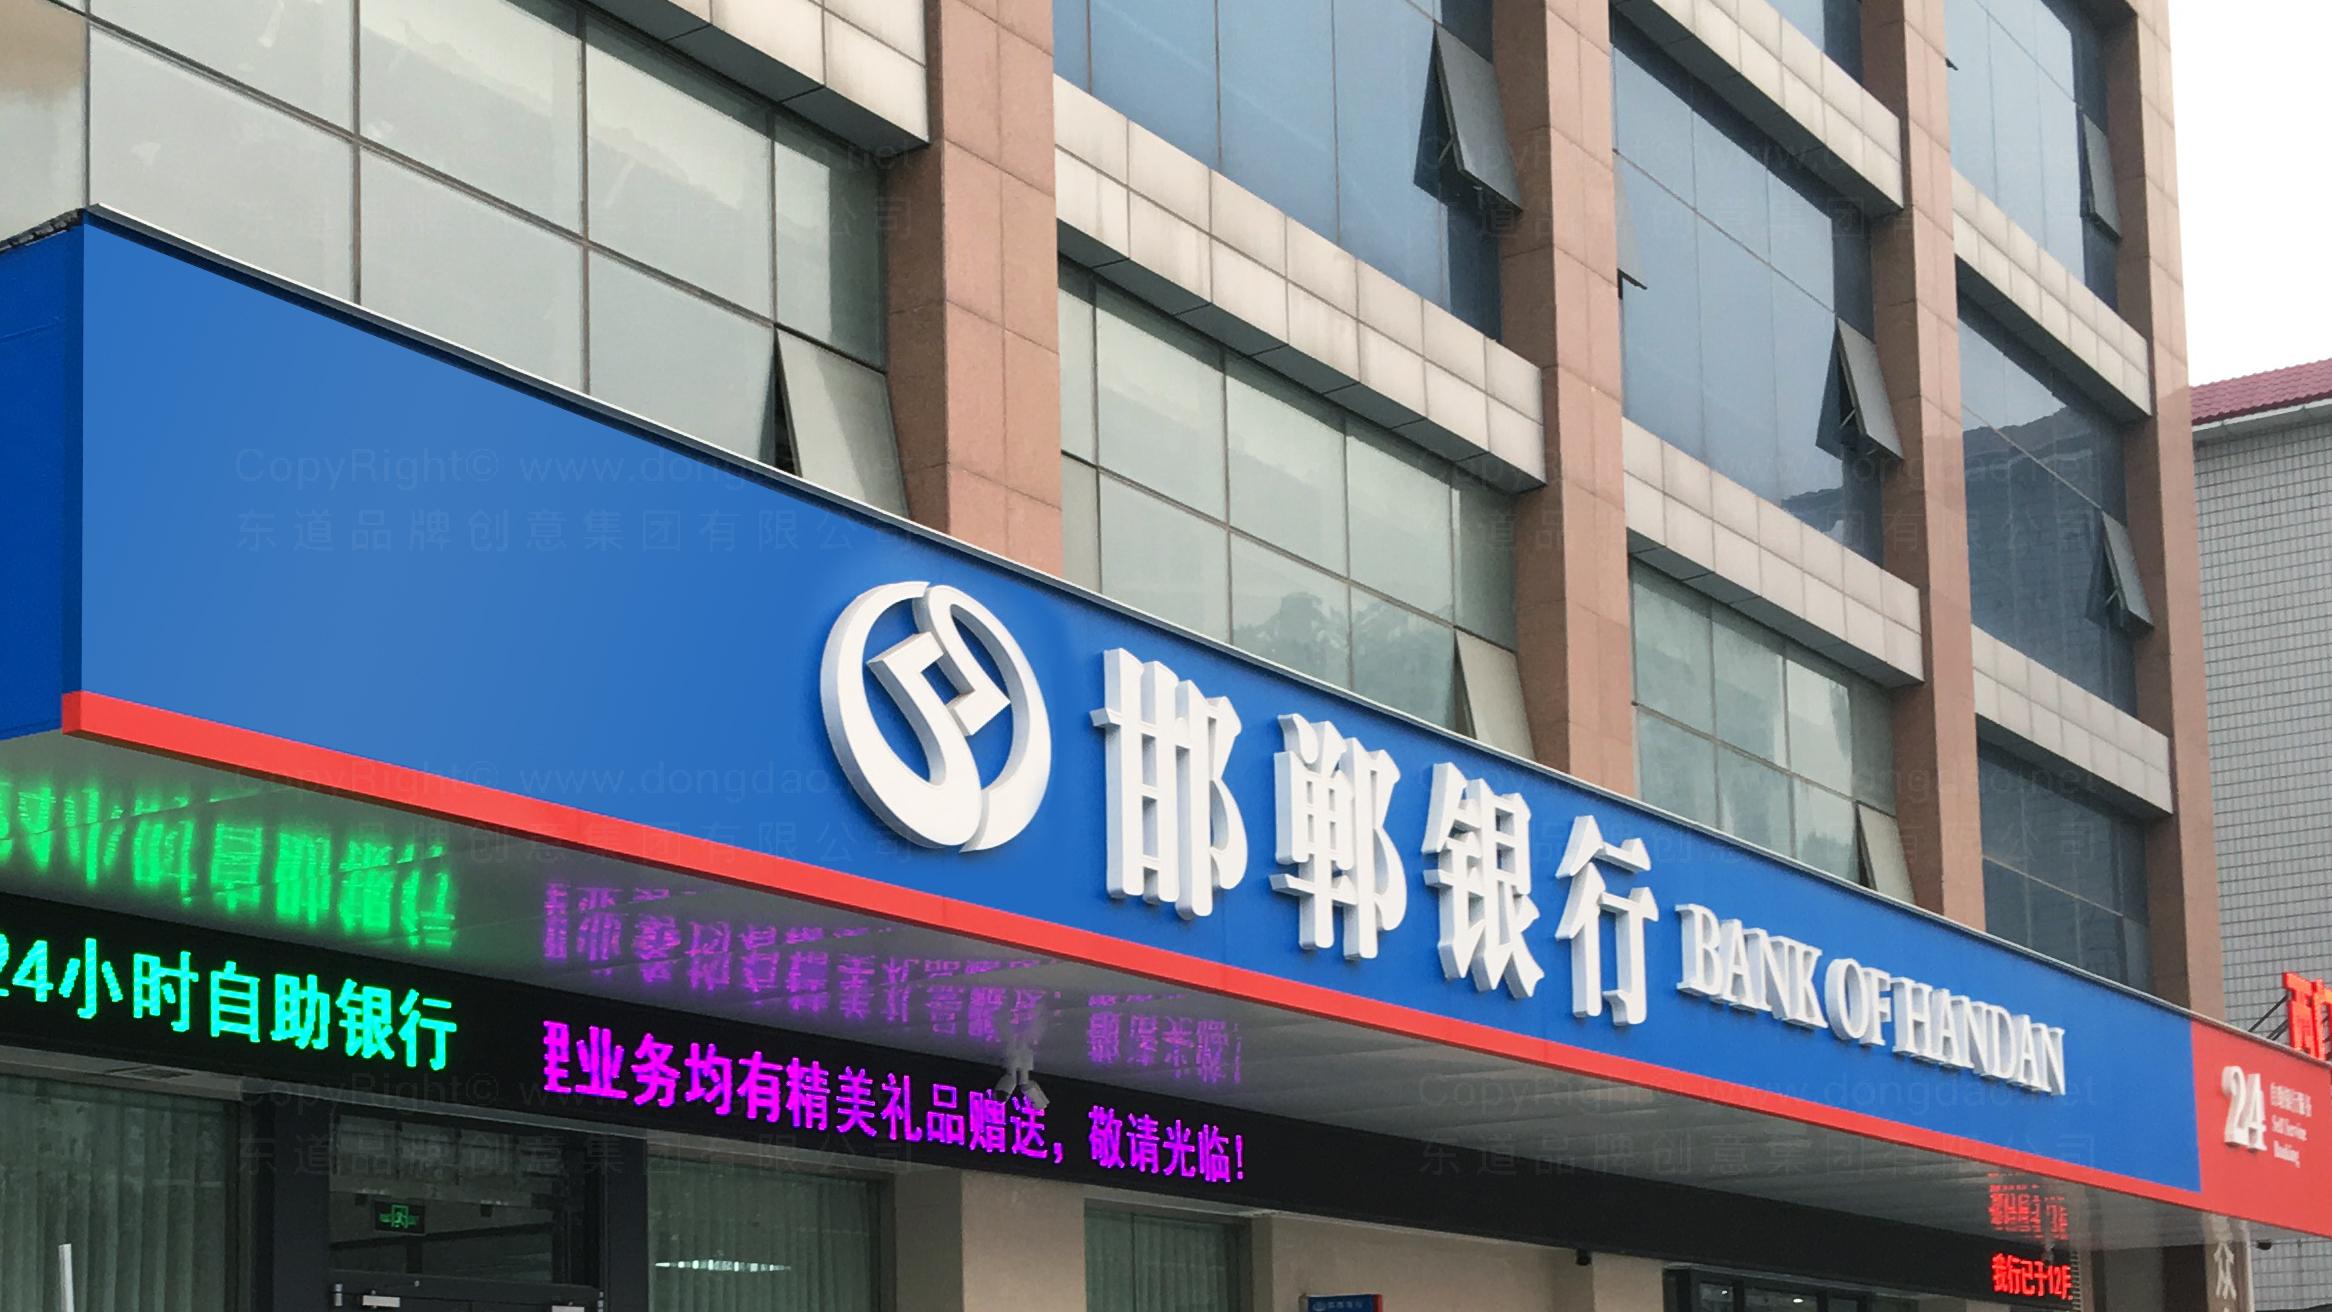 落地工程邯郸银行标识工程应用场景_12